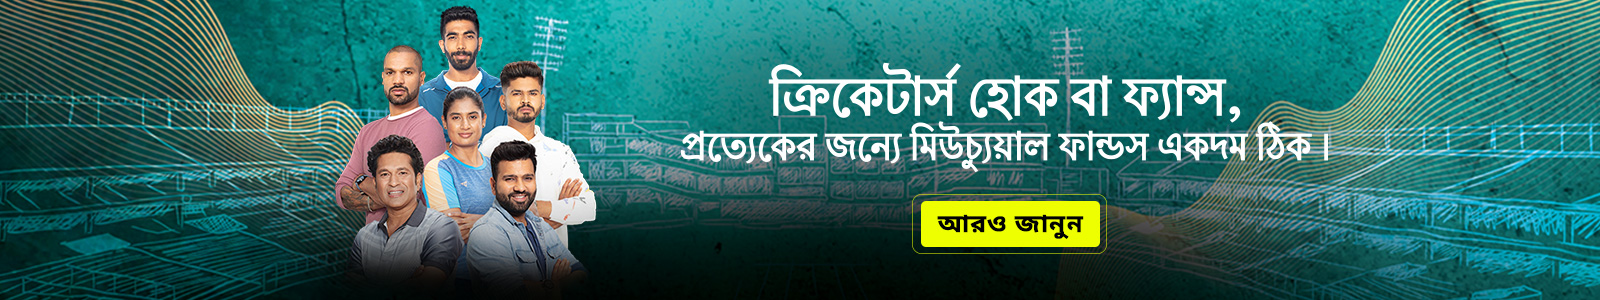 Cricket banner